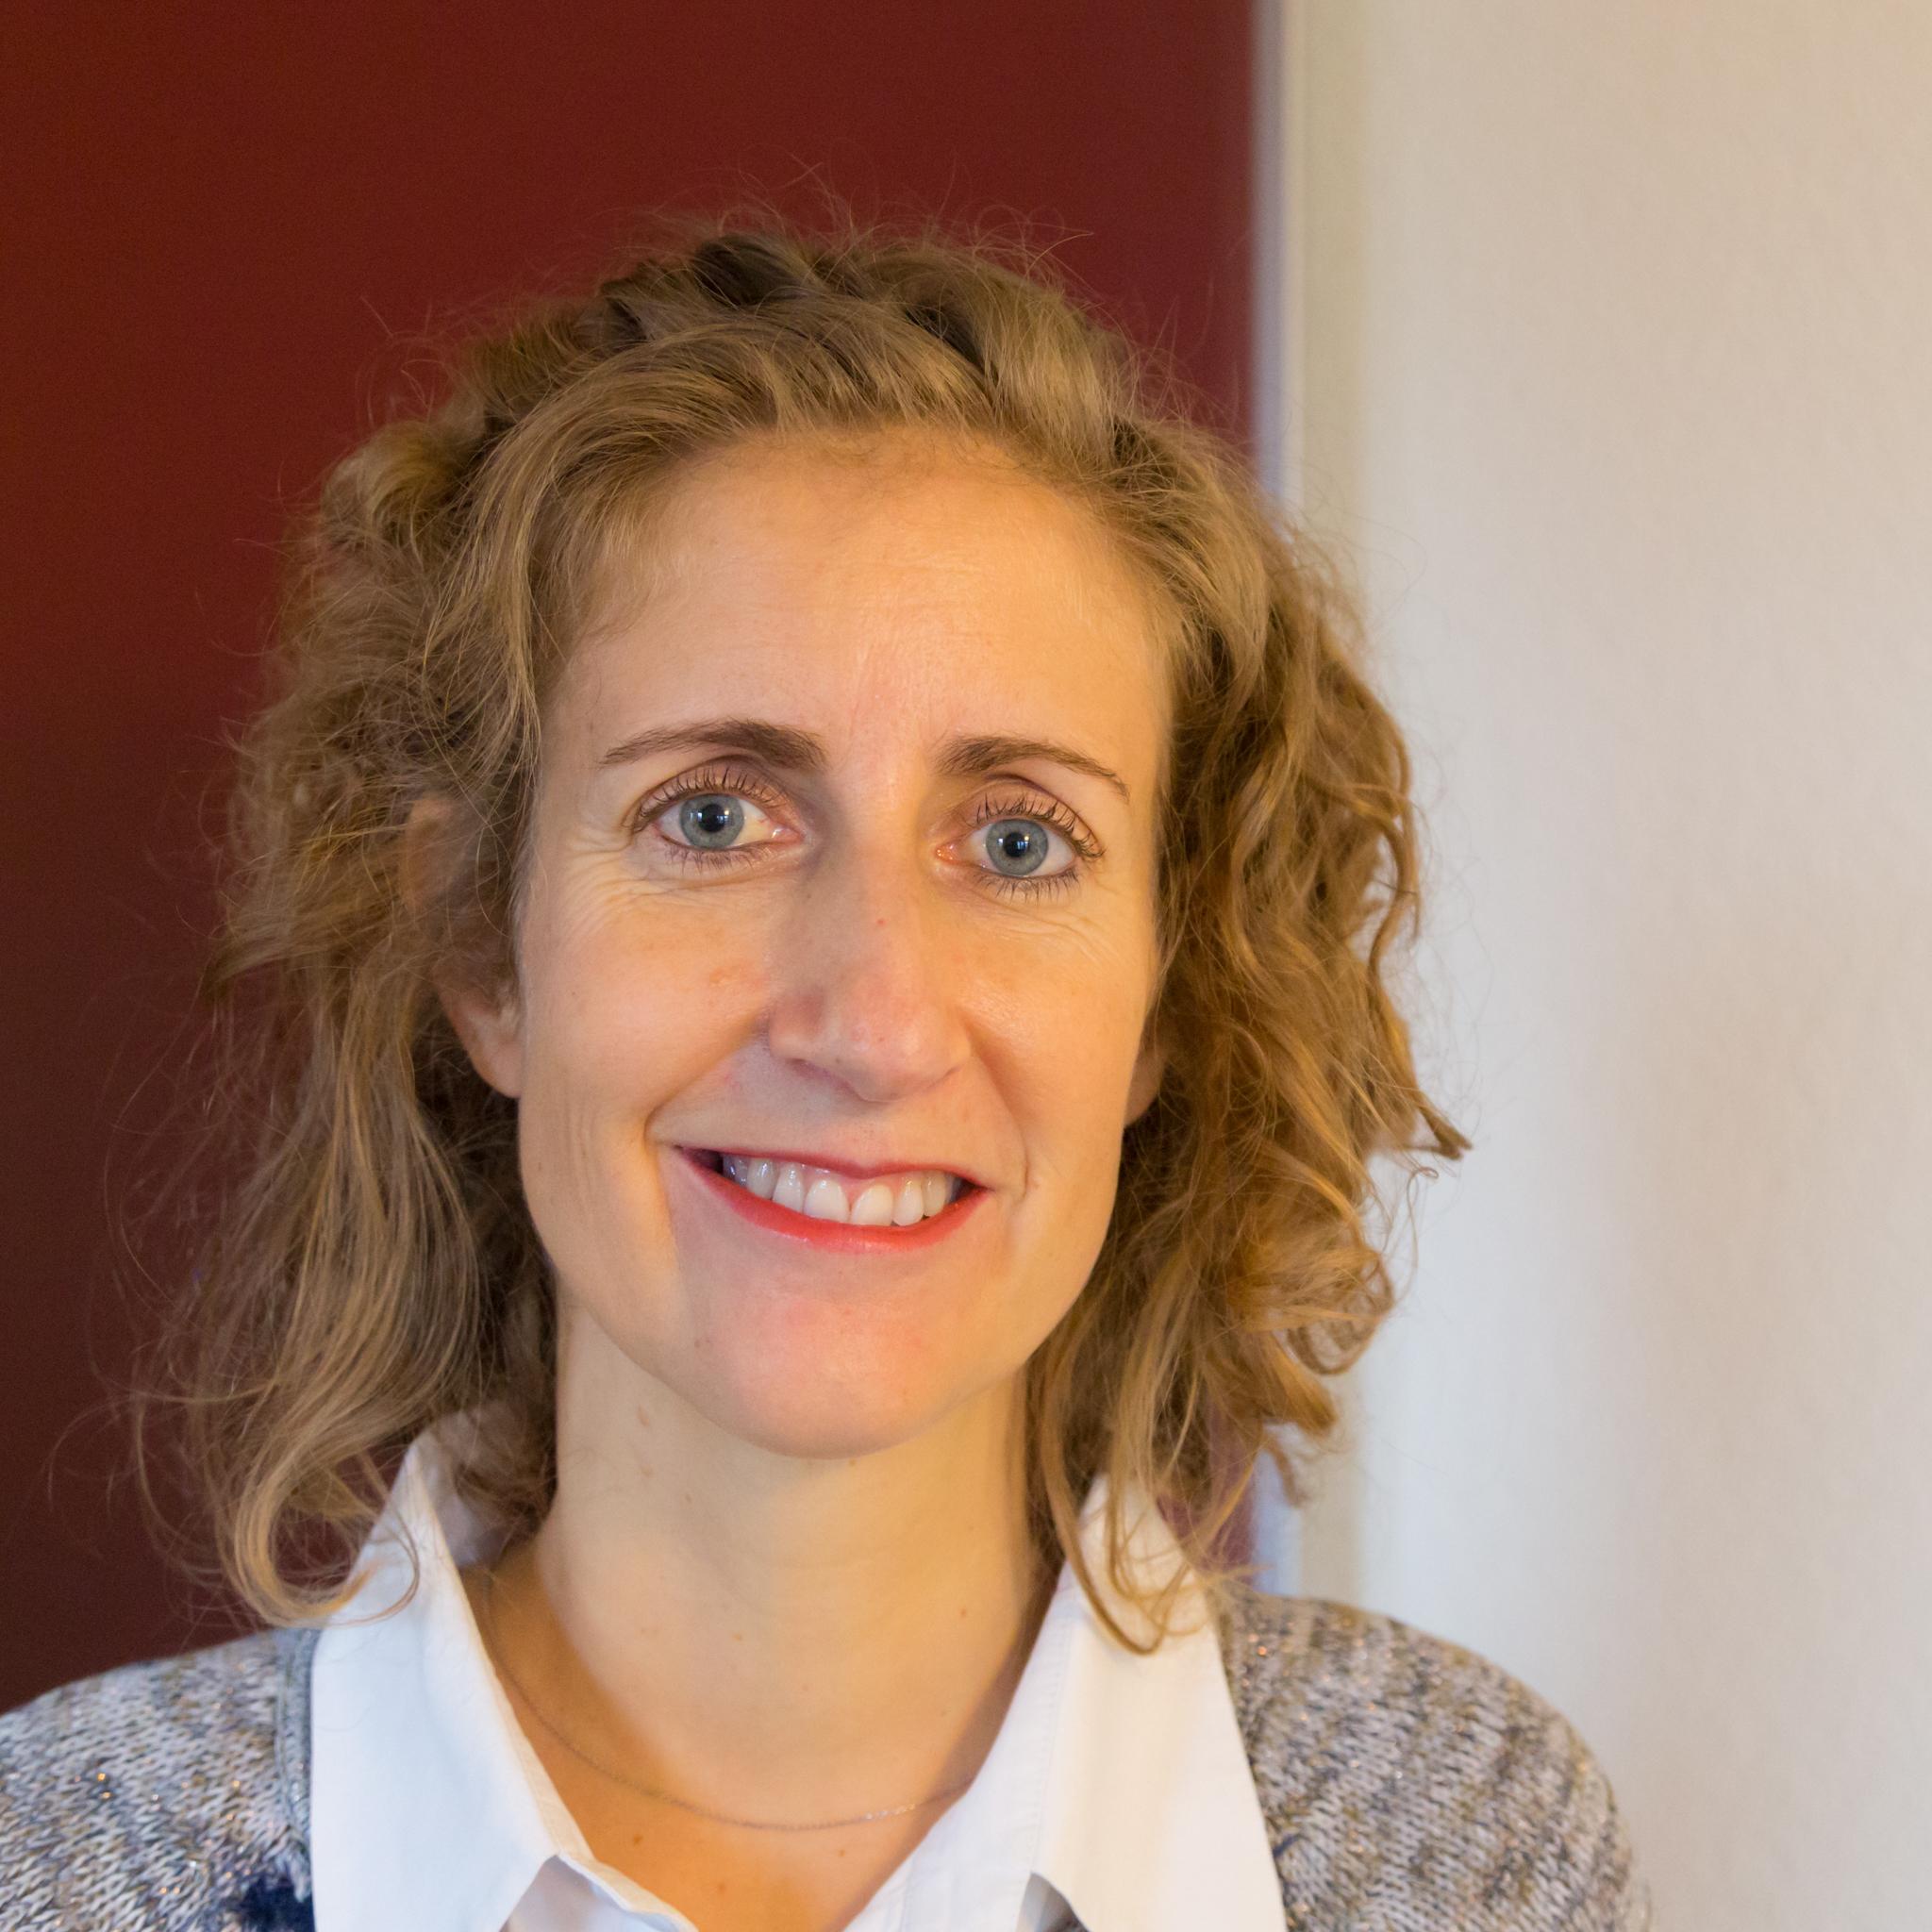 Lic. phil. Christine Steinmann, Psychotherapeutin FSP